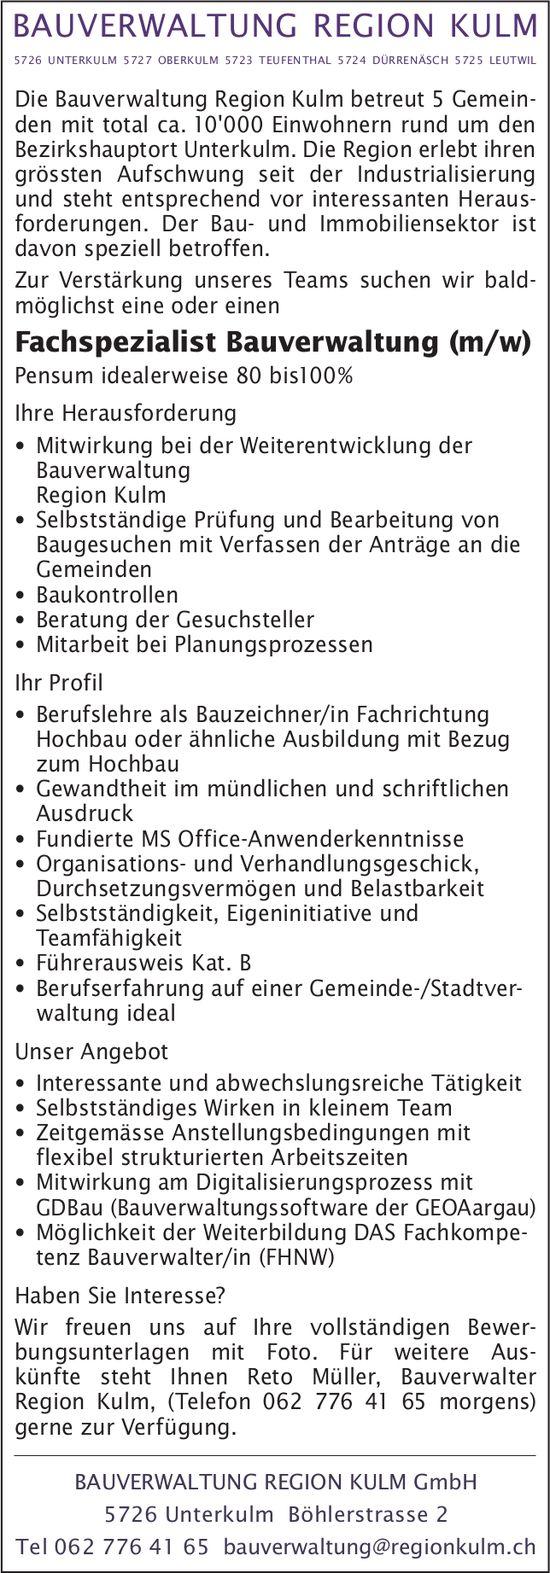 Fachspezialist Bauverwaltung (m/w), Bauverwaltung Region Kulm GmbH, Unterkulm, gesucht